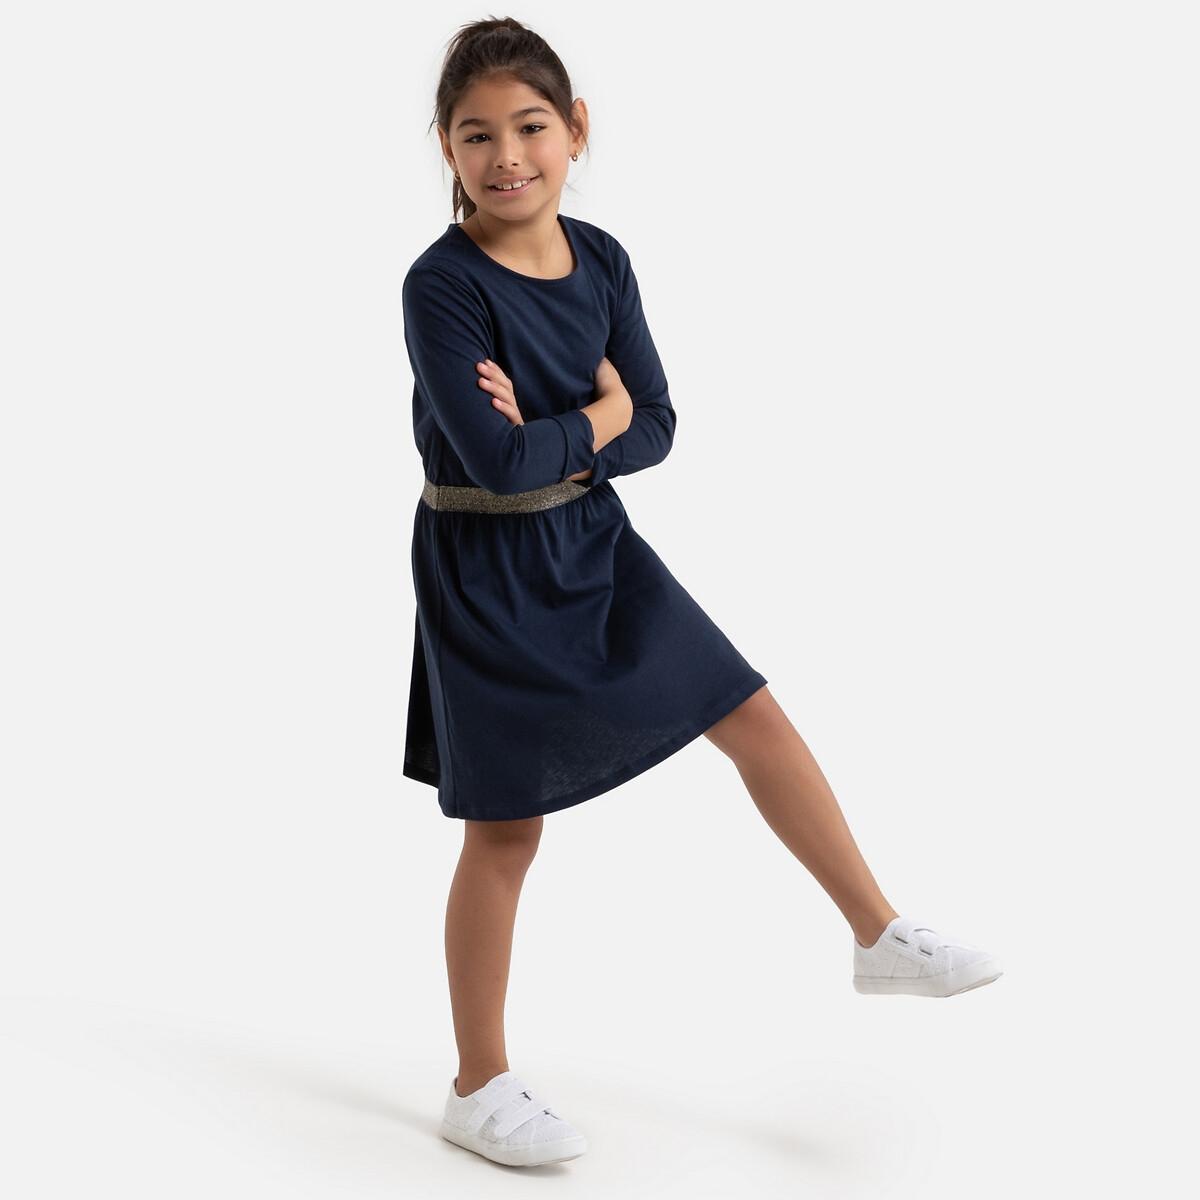 сарафан la redoute из легкого денима 5 лет 108 см синий Платье La Redoute Однотонное приталенное и блестящее 3-12 лет 5 лет - 108 см синий